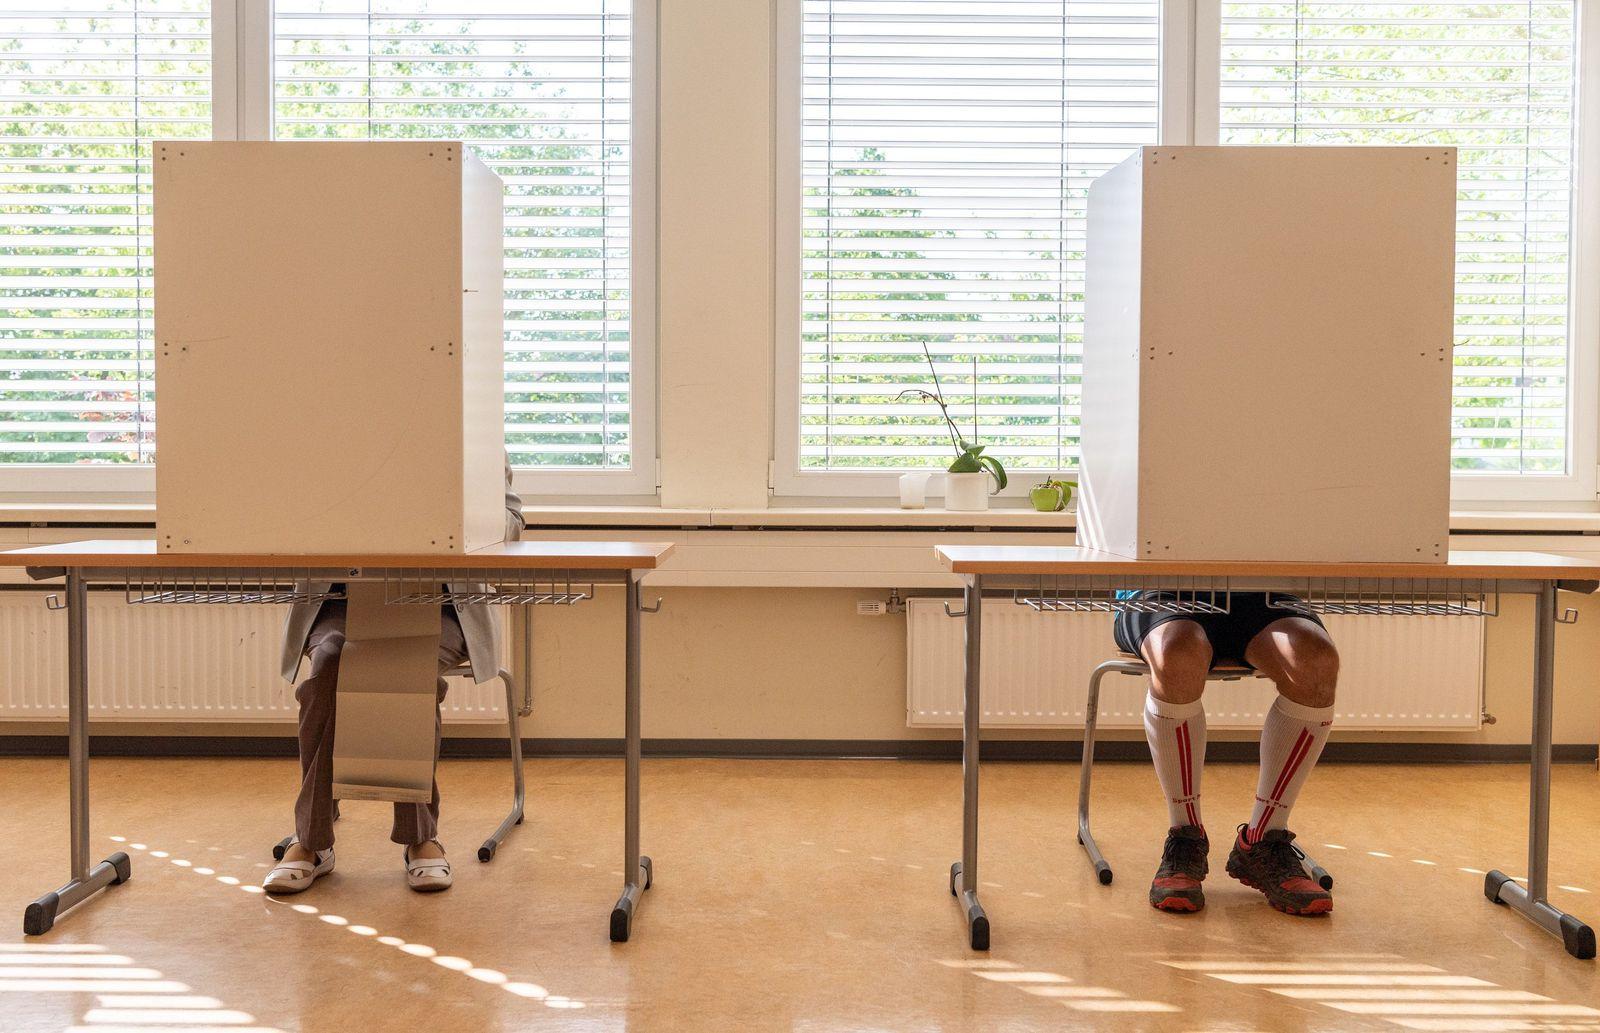 Europa- und Kommunalwahlen in Sachsen